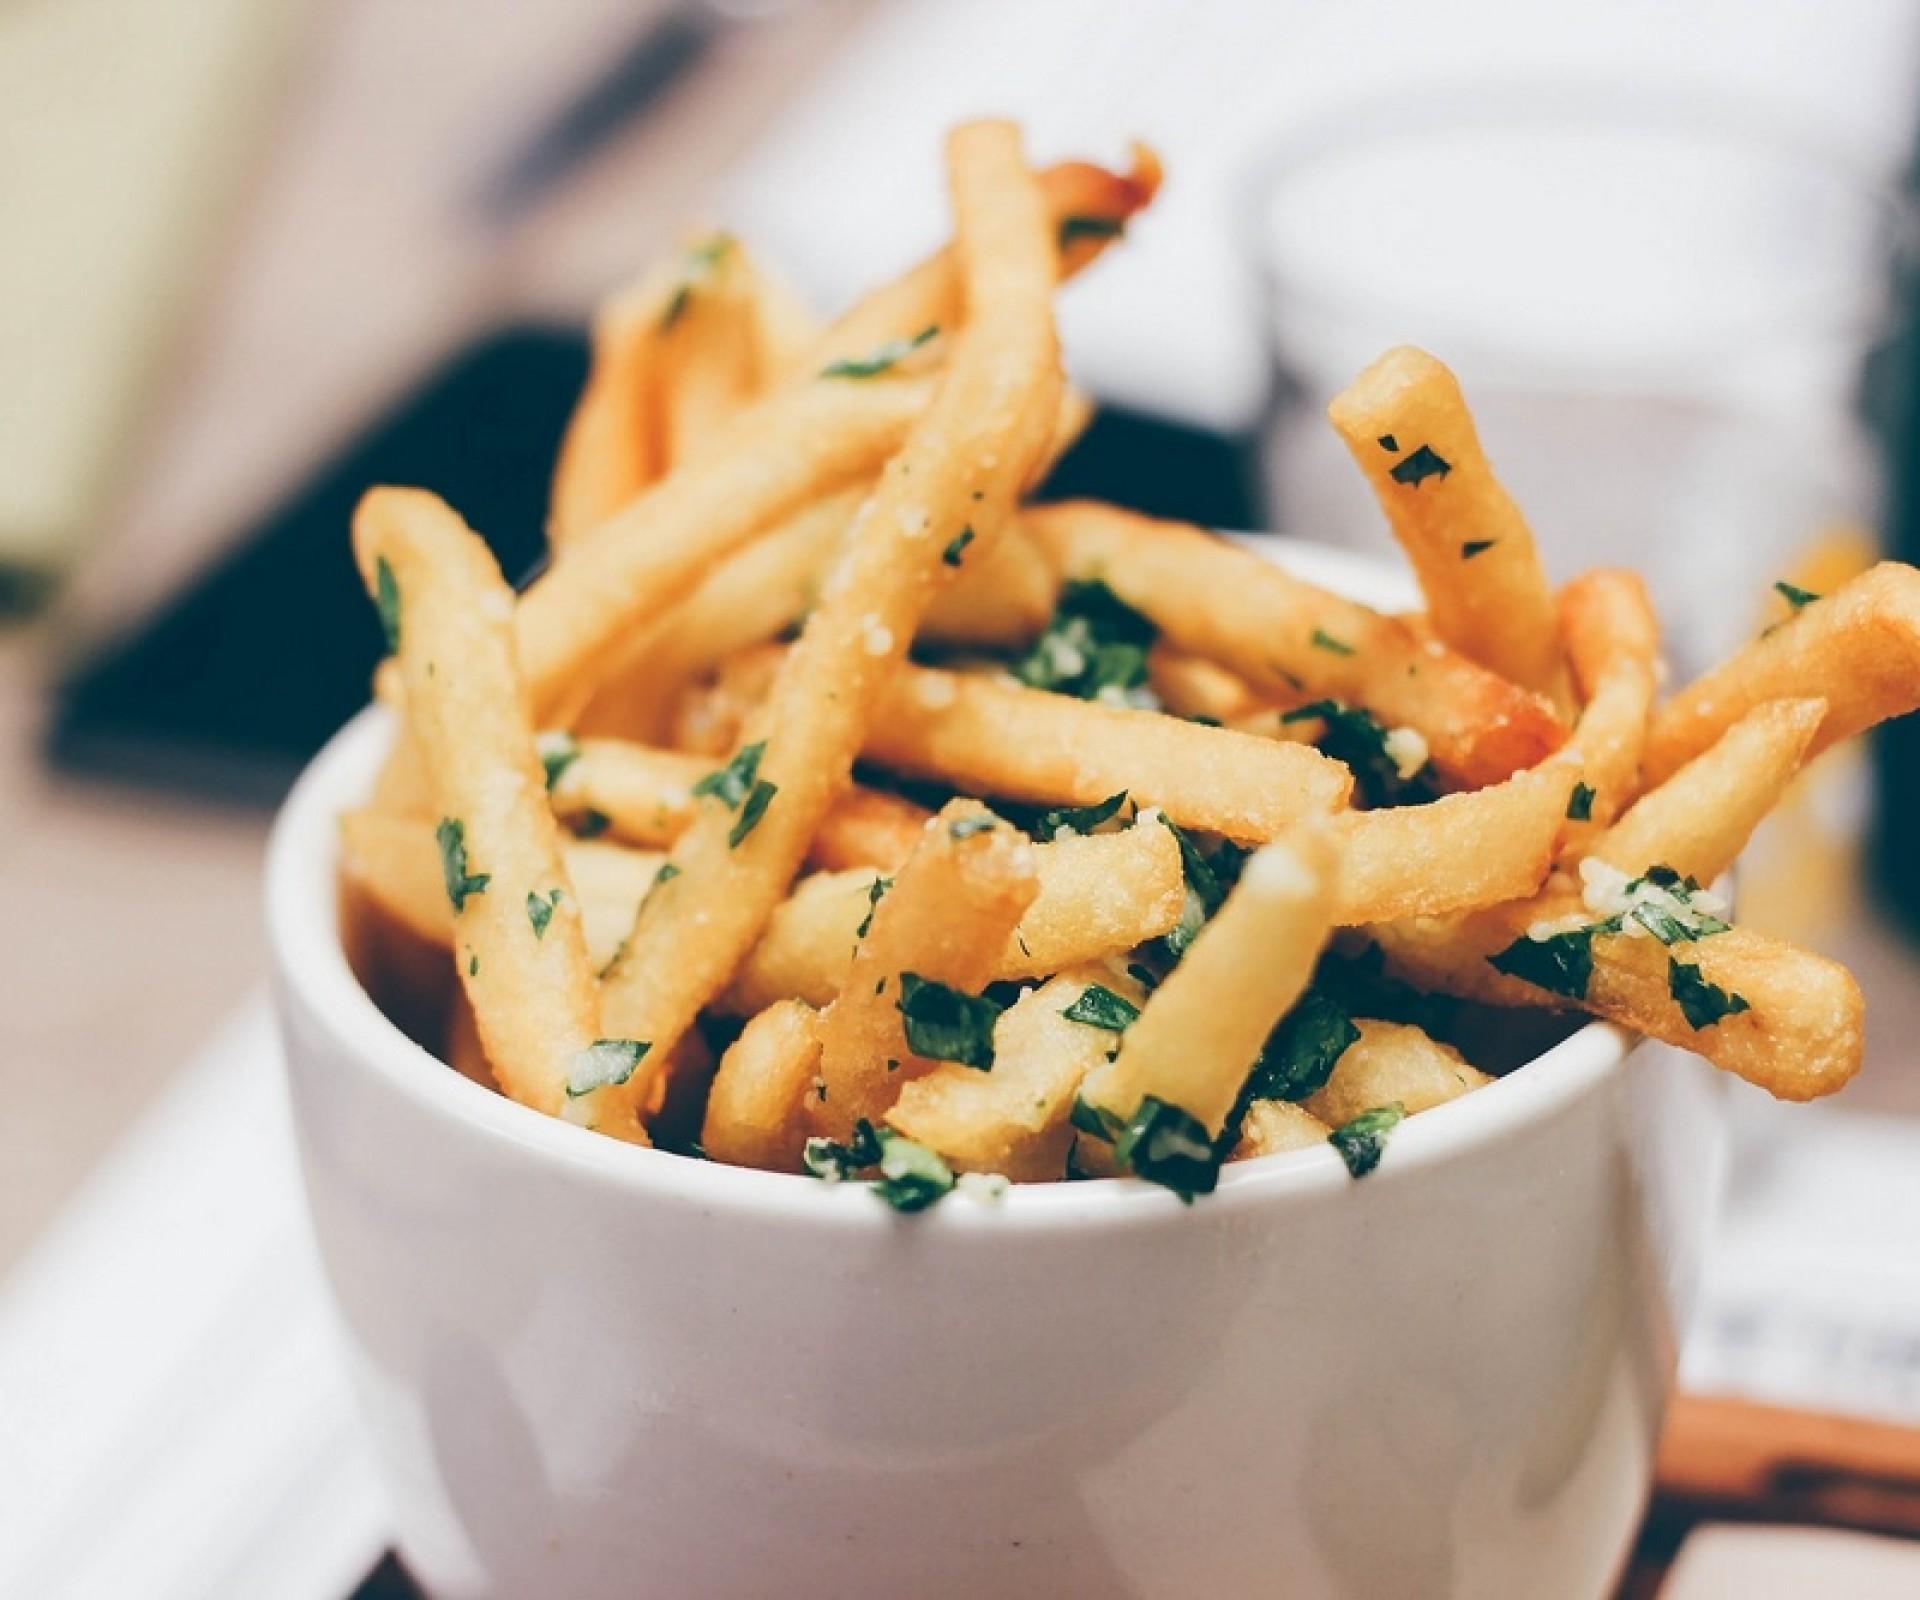 Patatine fritte profumate